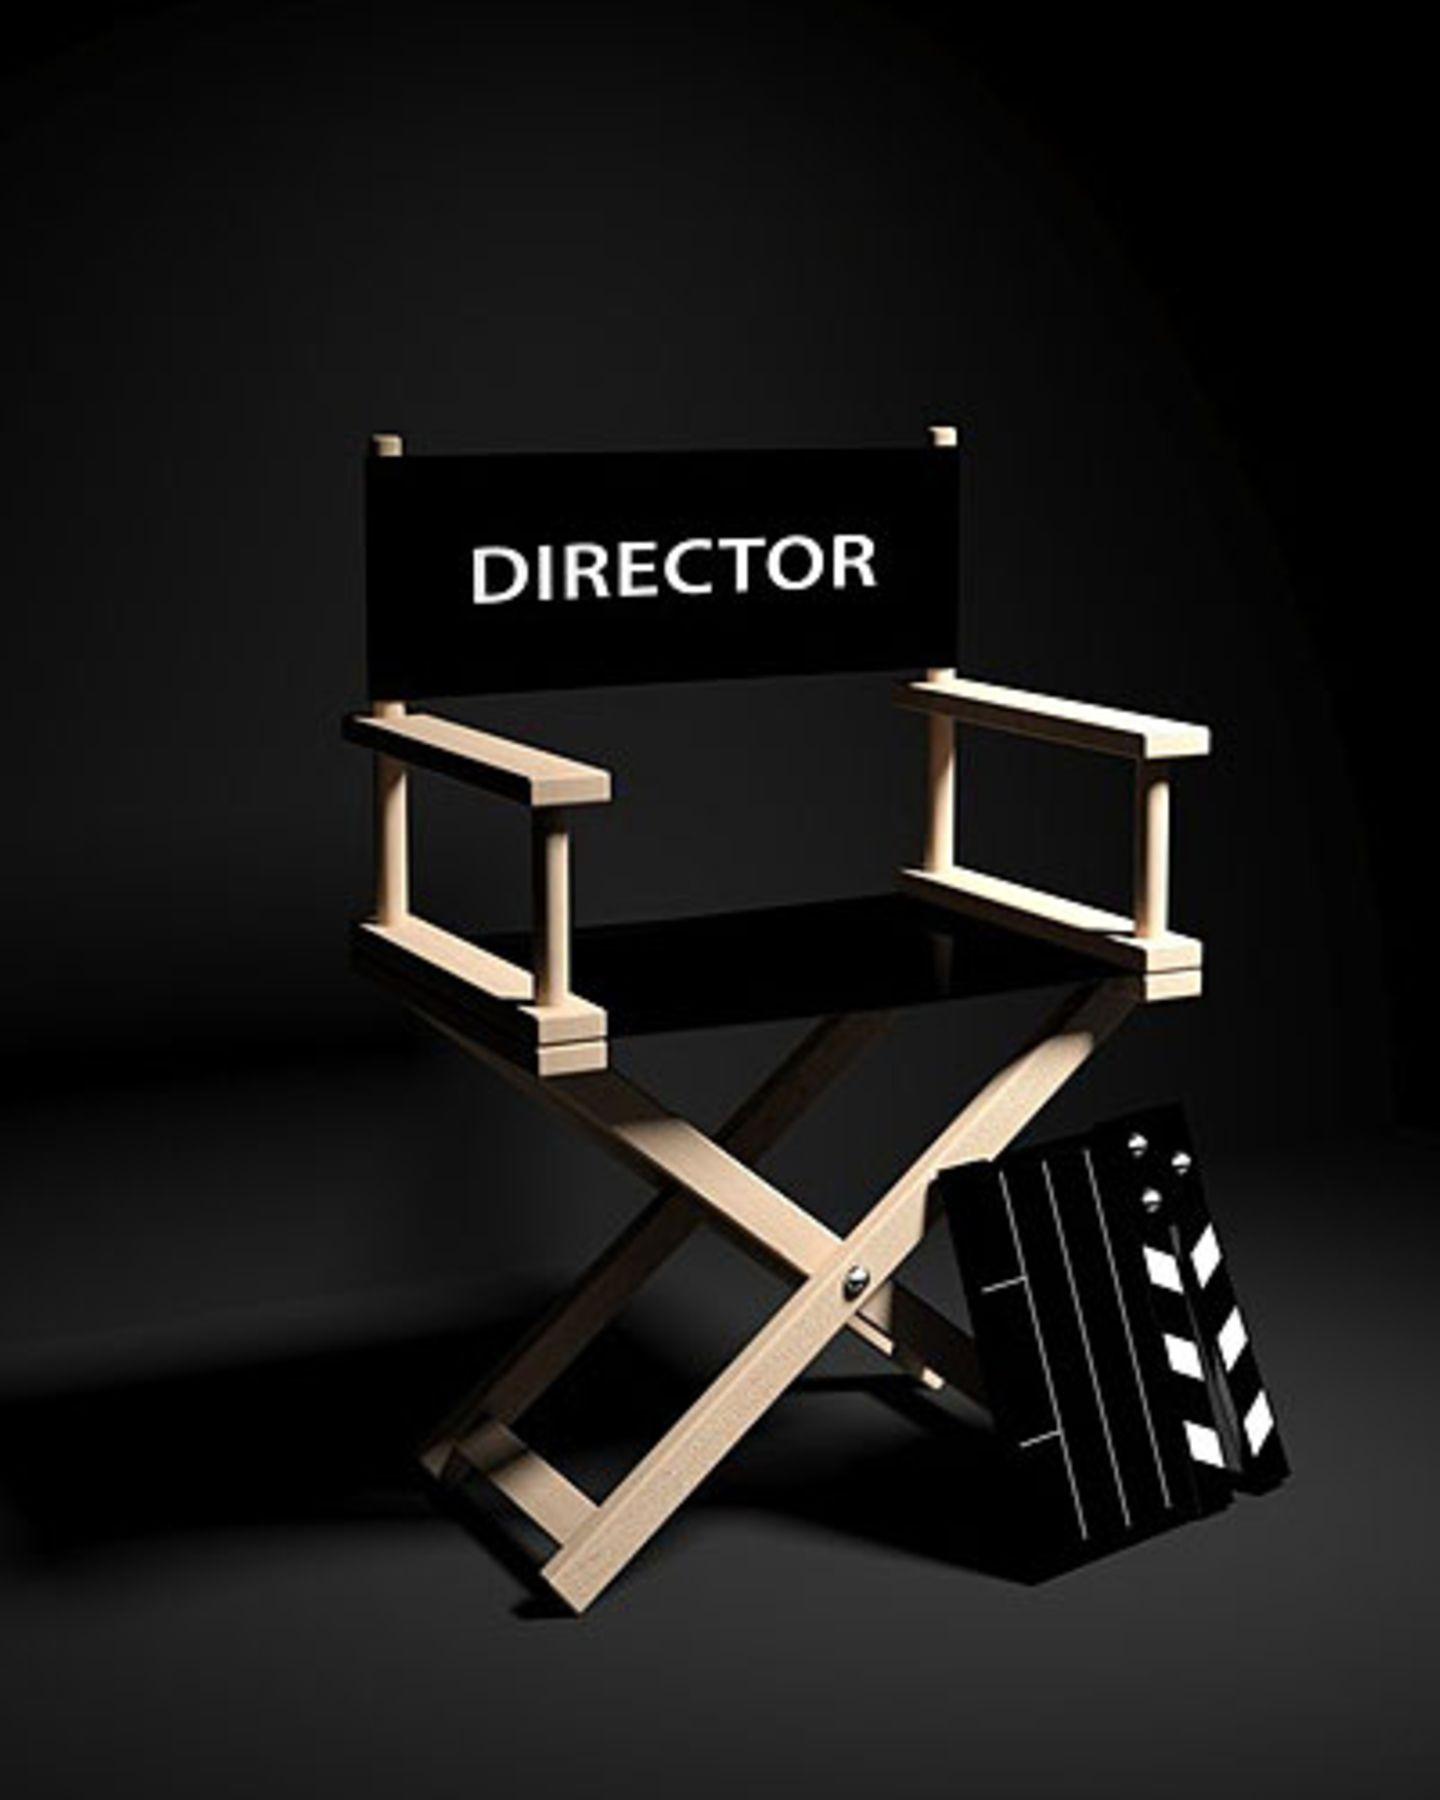 """Ein gutes Jahr für """"Gravity"""". Ein schlechtes Jahr für alle Frauen in der Filmbranche - wieder einmal. Warum das so ist und sich auch wohl demnächst nicht ändern wird, können Sie hier lesen."""